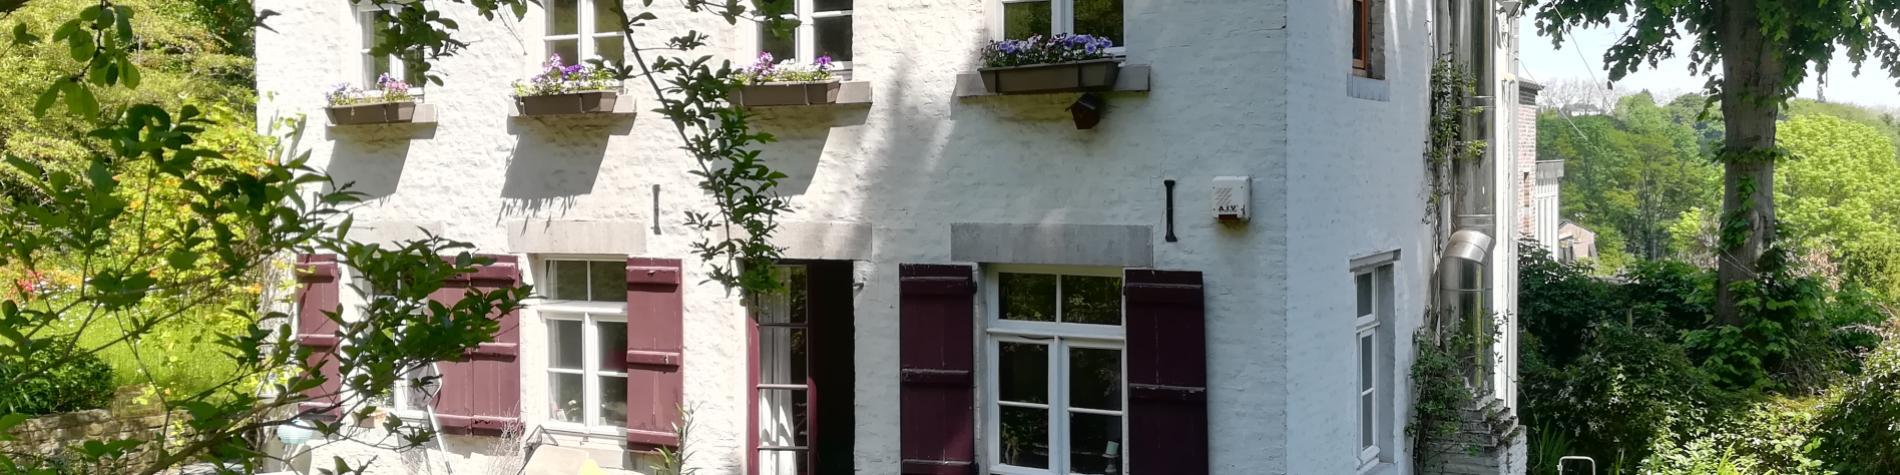 Chambre d'hôtes - Liège -